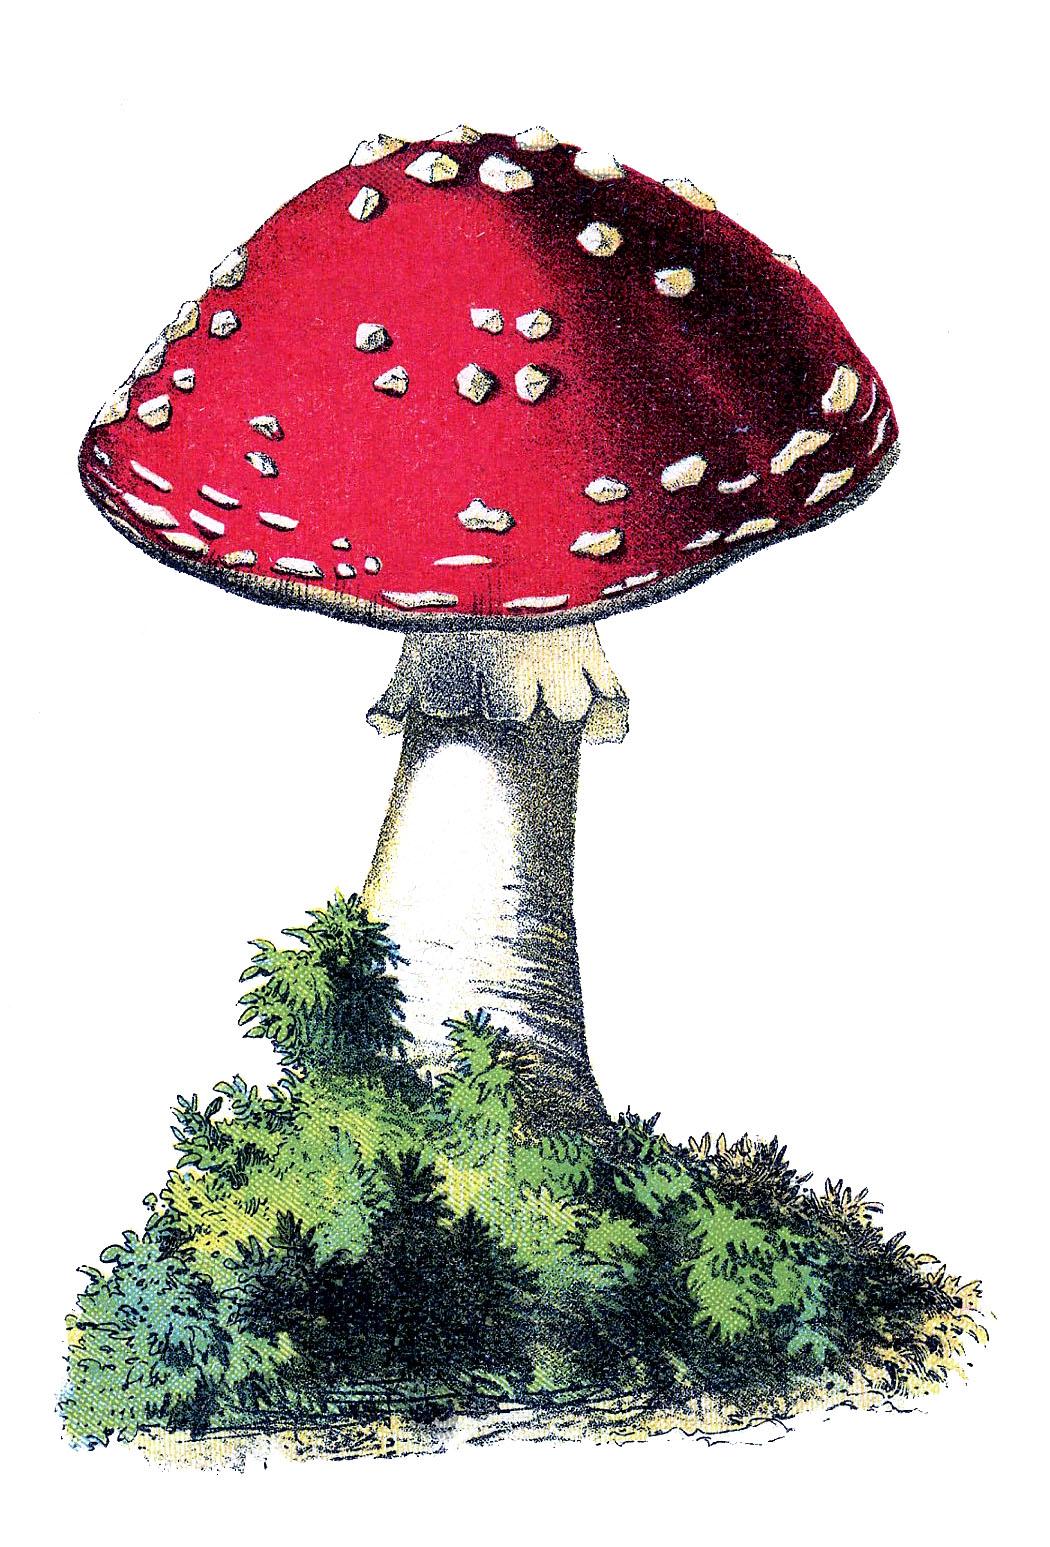 mushroom+red+vintage+image-graphicsfairy012